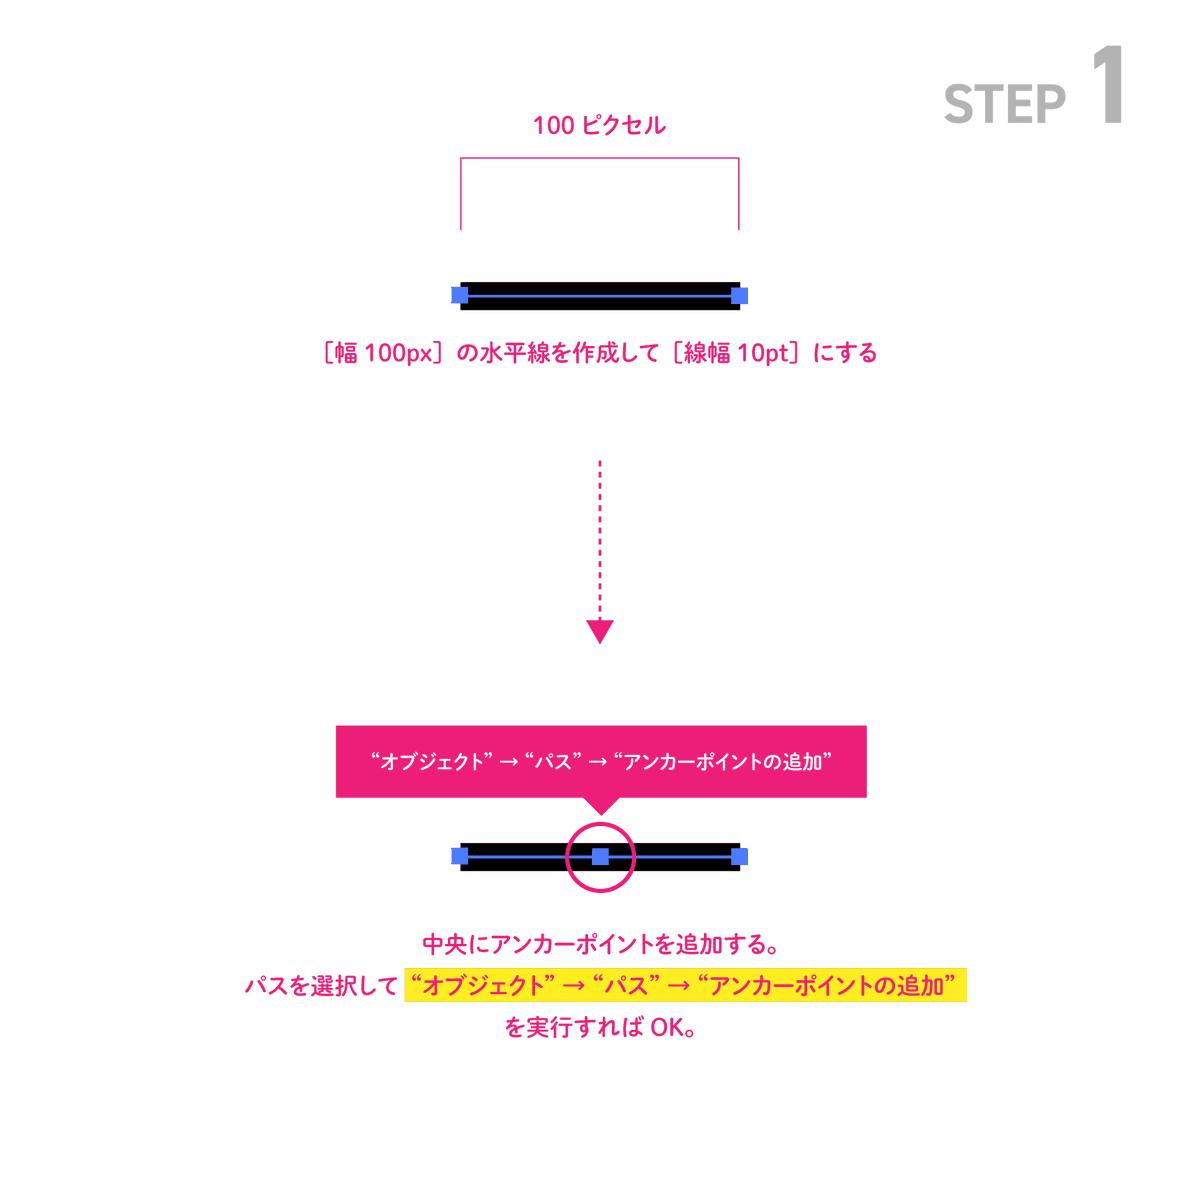 真ん中をちょっとだけふっくらさせた可変線幅を[丸型線端]で使うといい感じに動きが出るよってお話です。一度作ってプロファイルに登録してしまえばあとはいつでもすぐ使えるのでおすすめです #イラレ知恵袋 #AdobeIllustrator愛